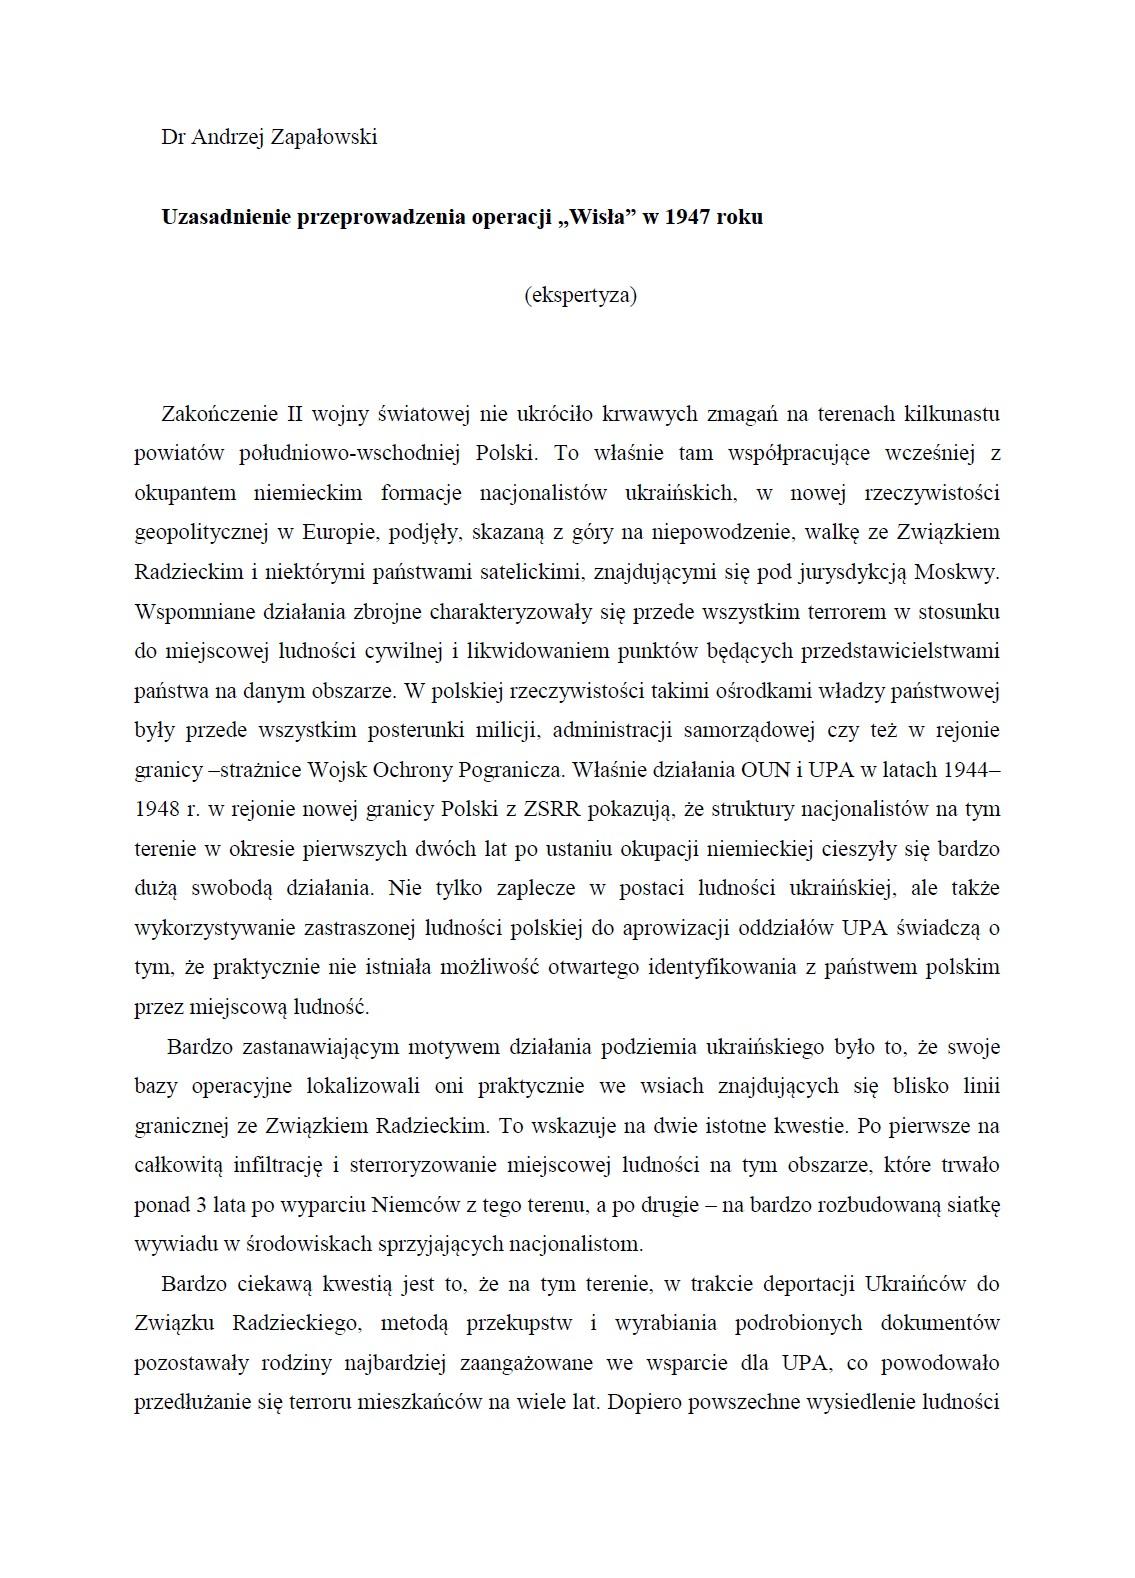 dr_andrzej_zapalowski_1